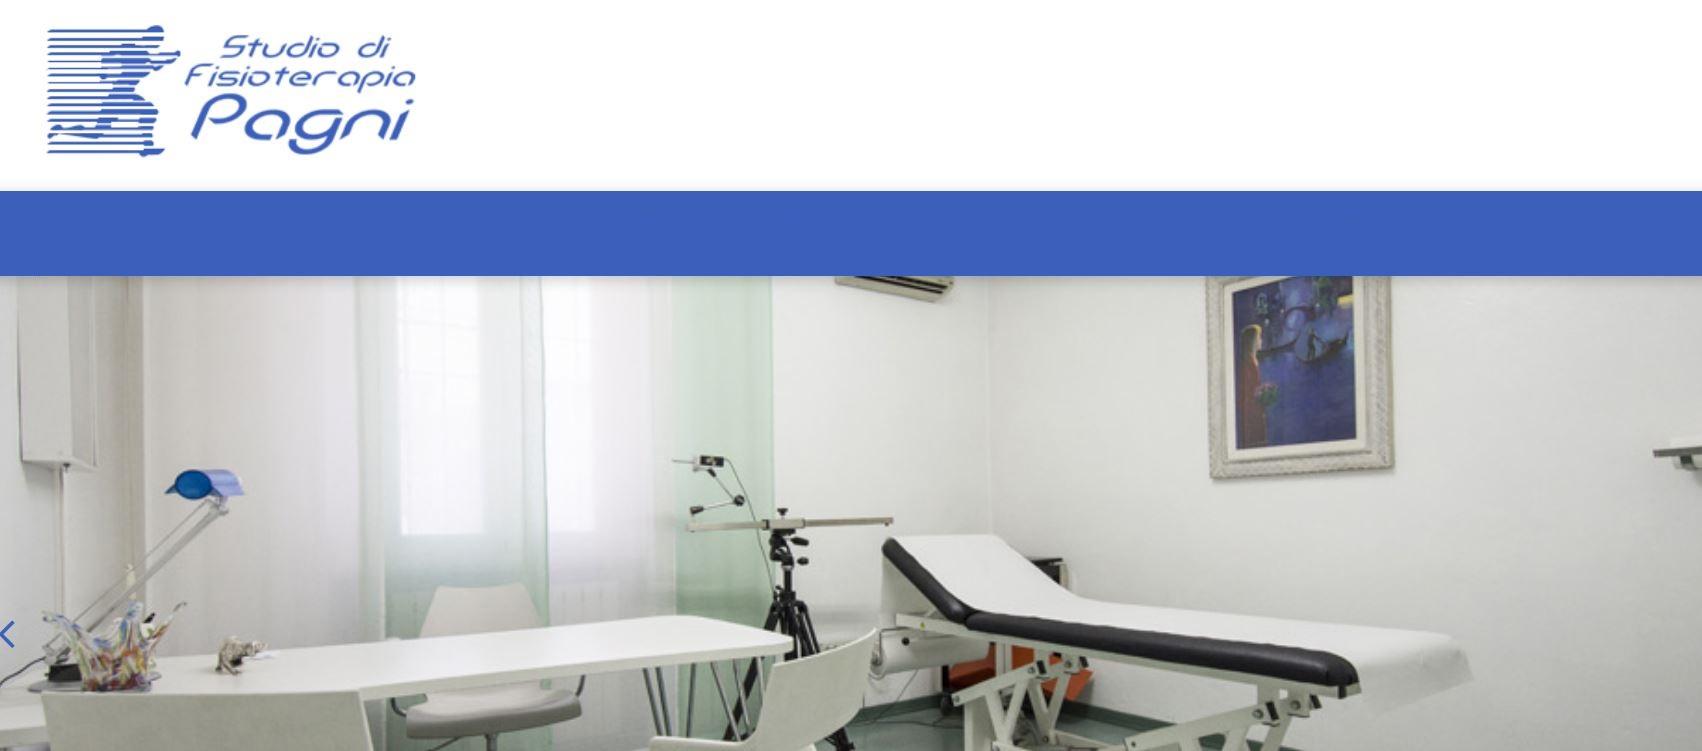 Studio di Fisioterapia Pagni utilizza i dispositivi BAC Technology 1